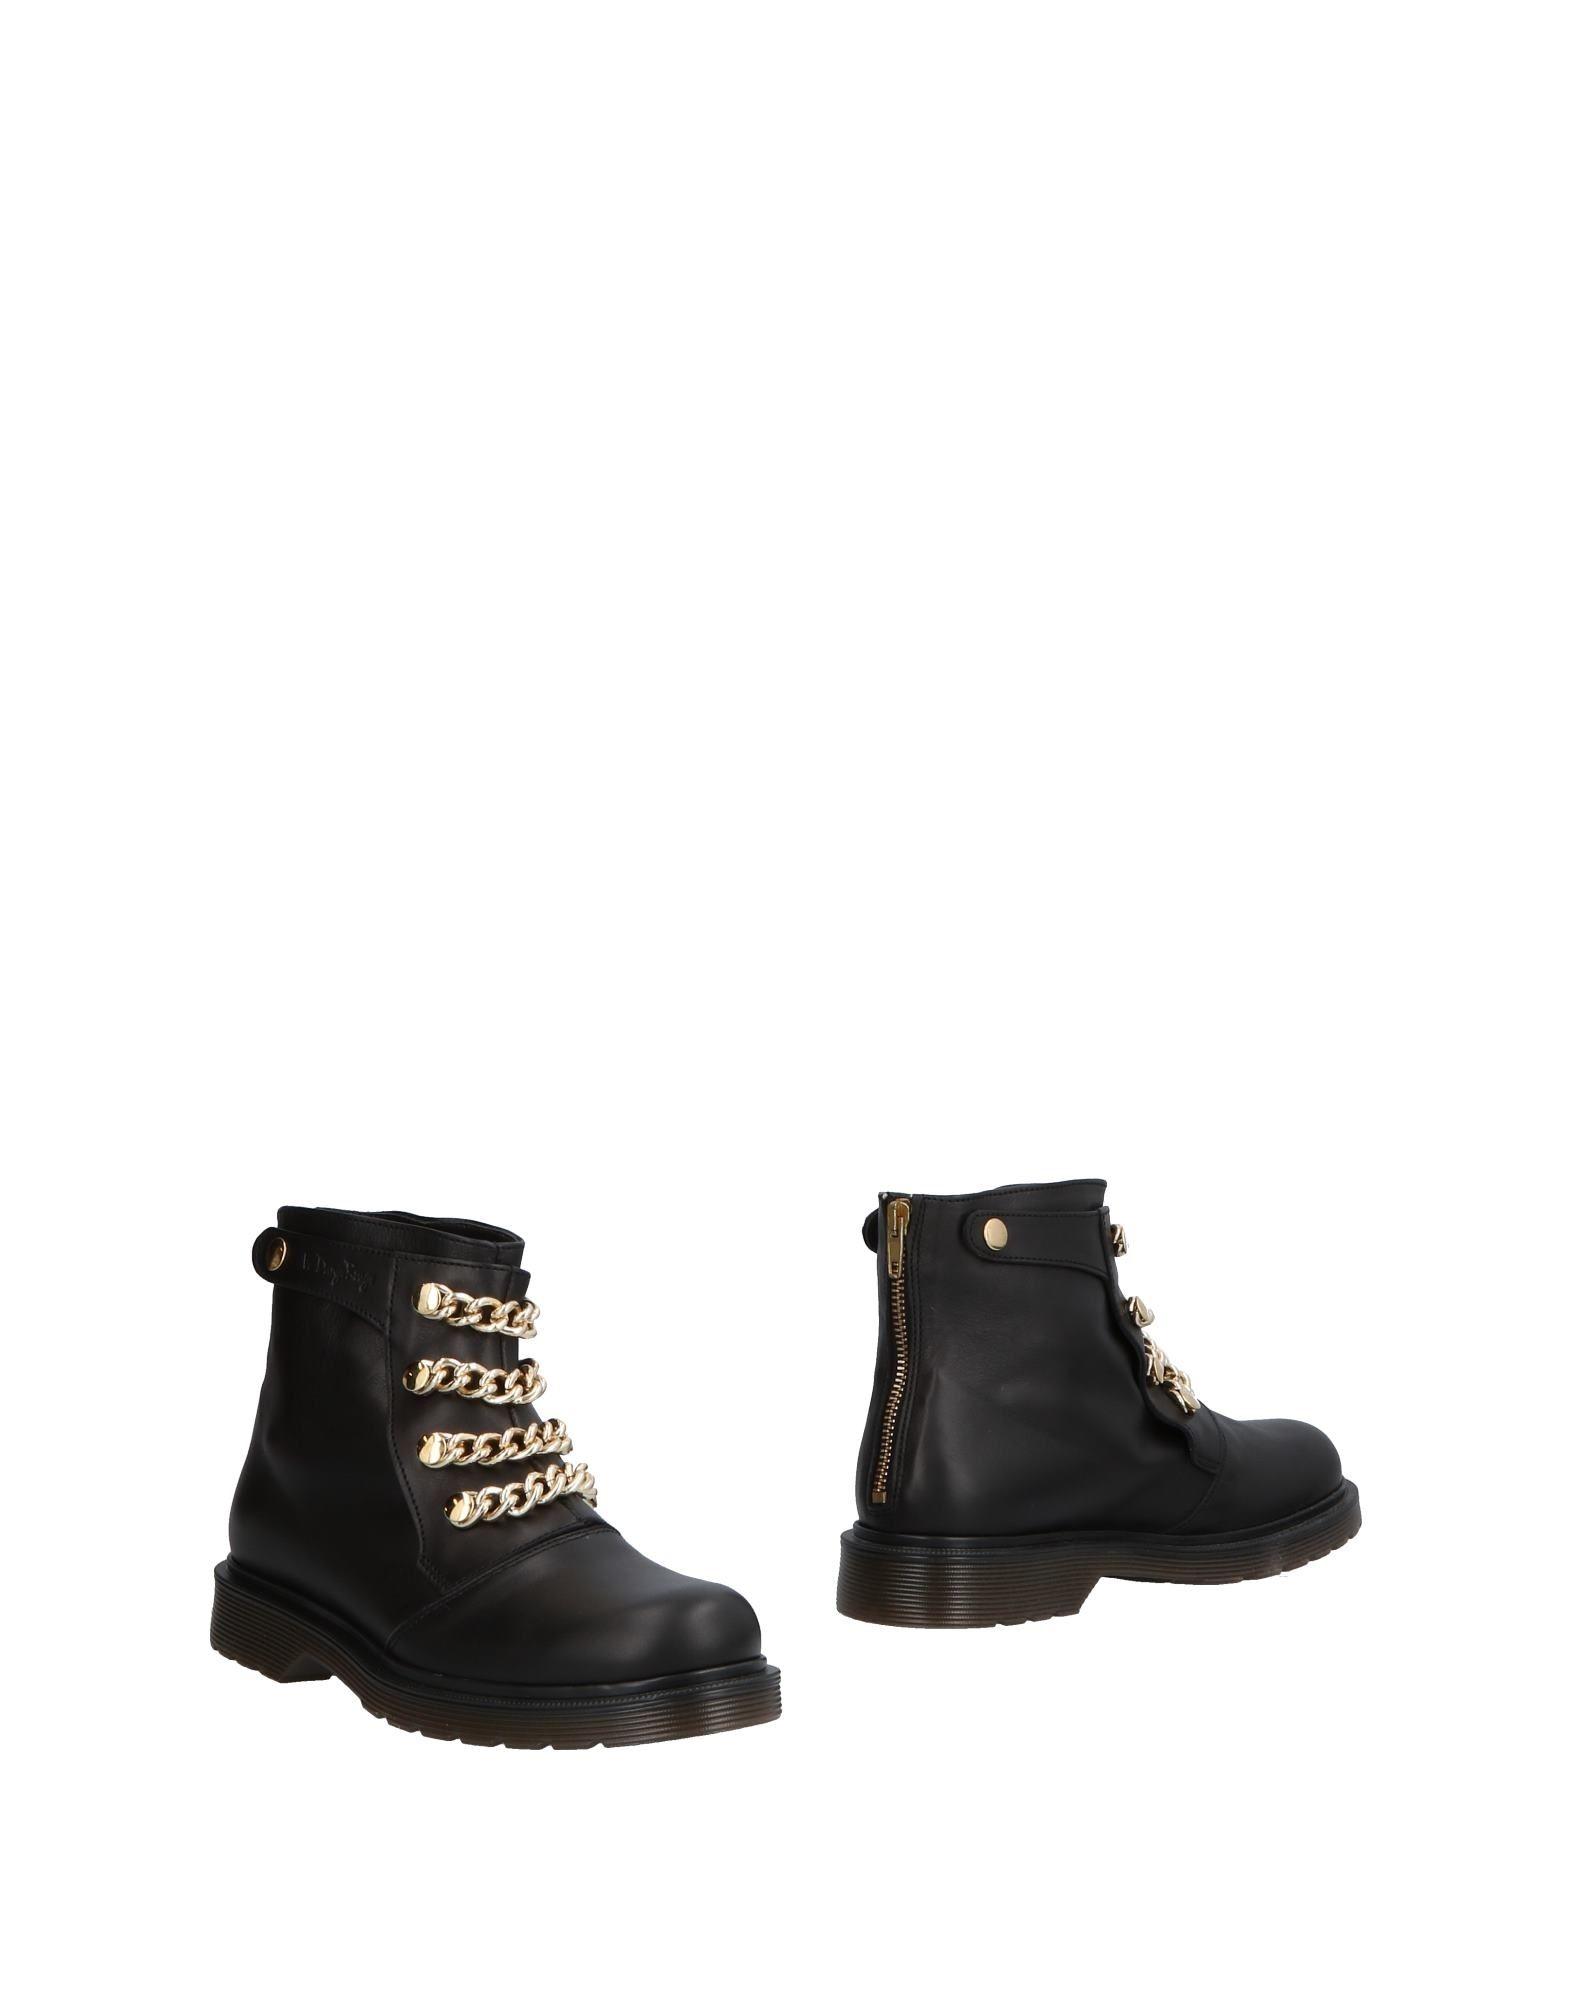 Sneakers D.A.T.E. Uomo - 11486581BB Scarpe economiche e buone